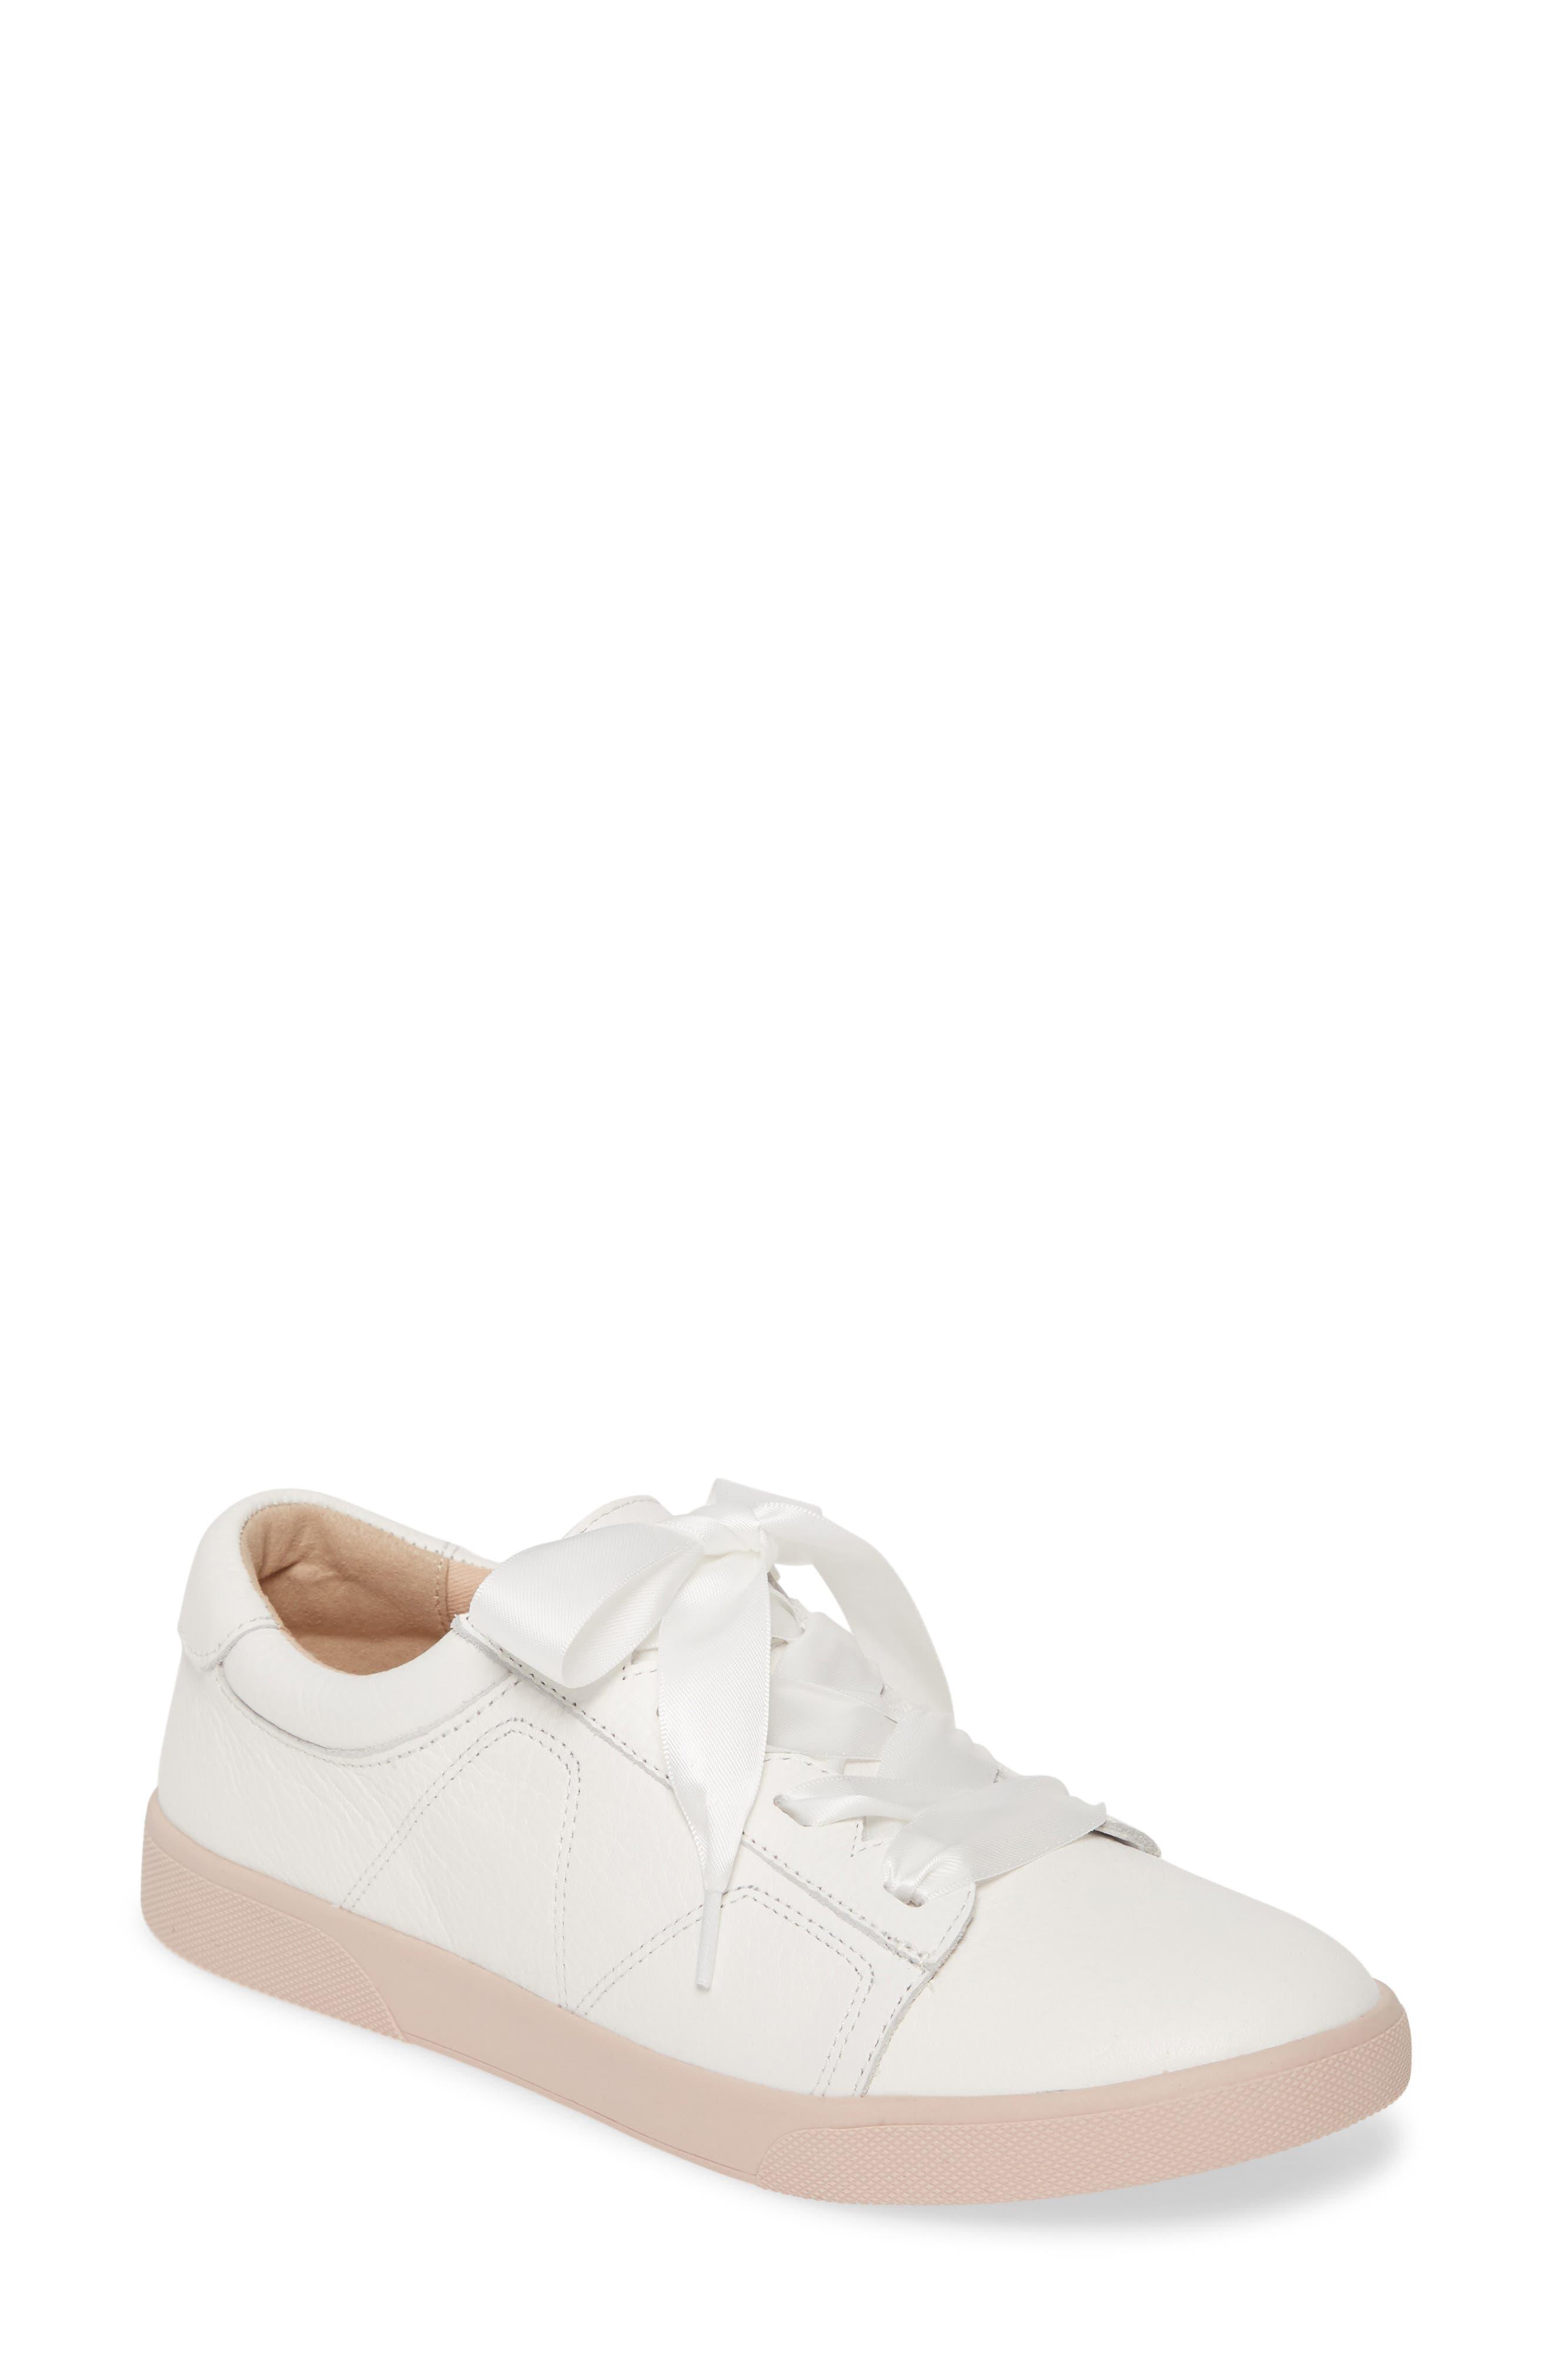 Vionic Chantelle Sneaker, White